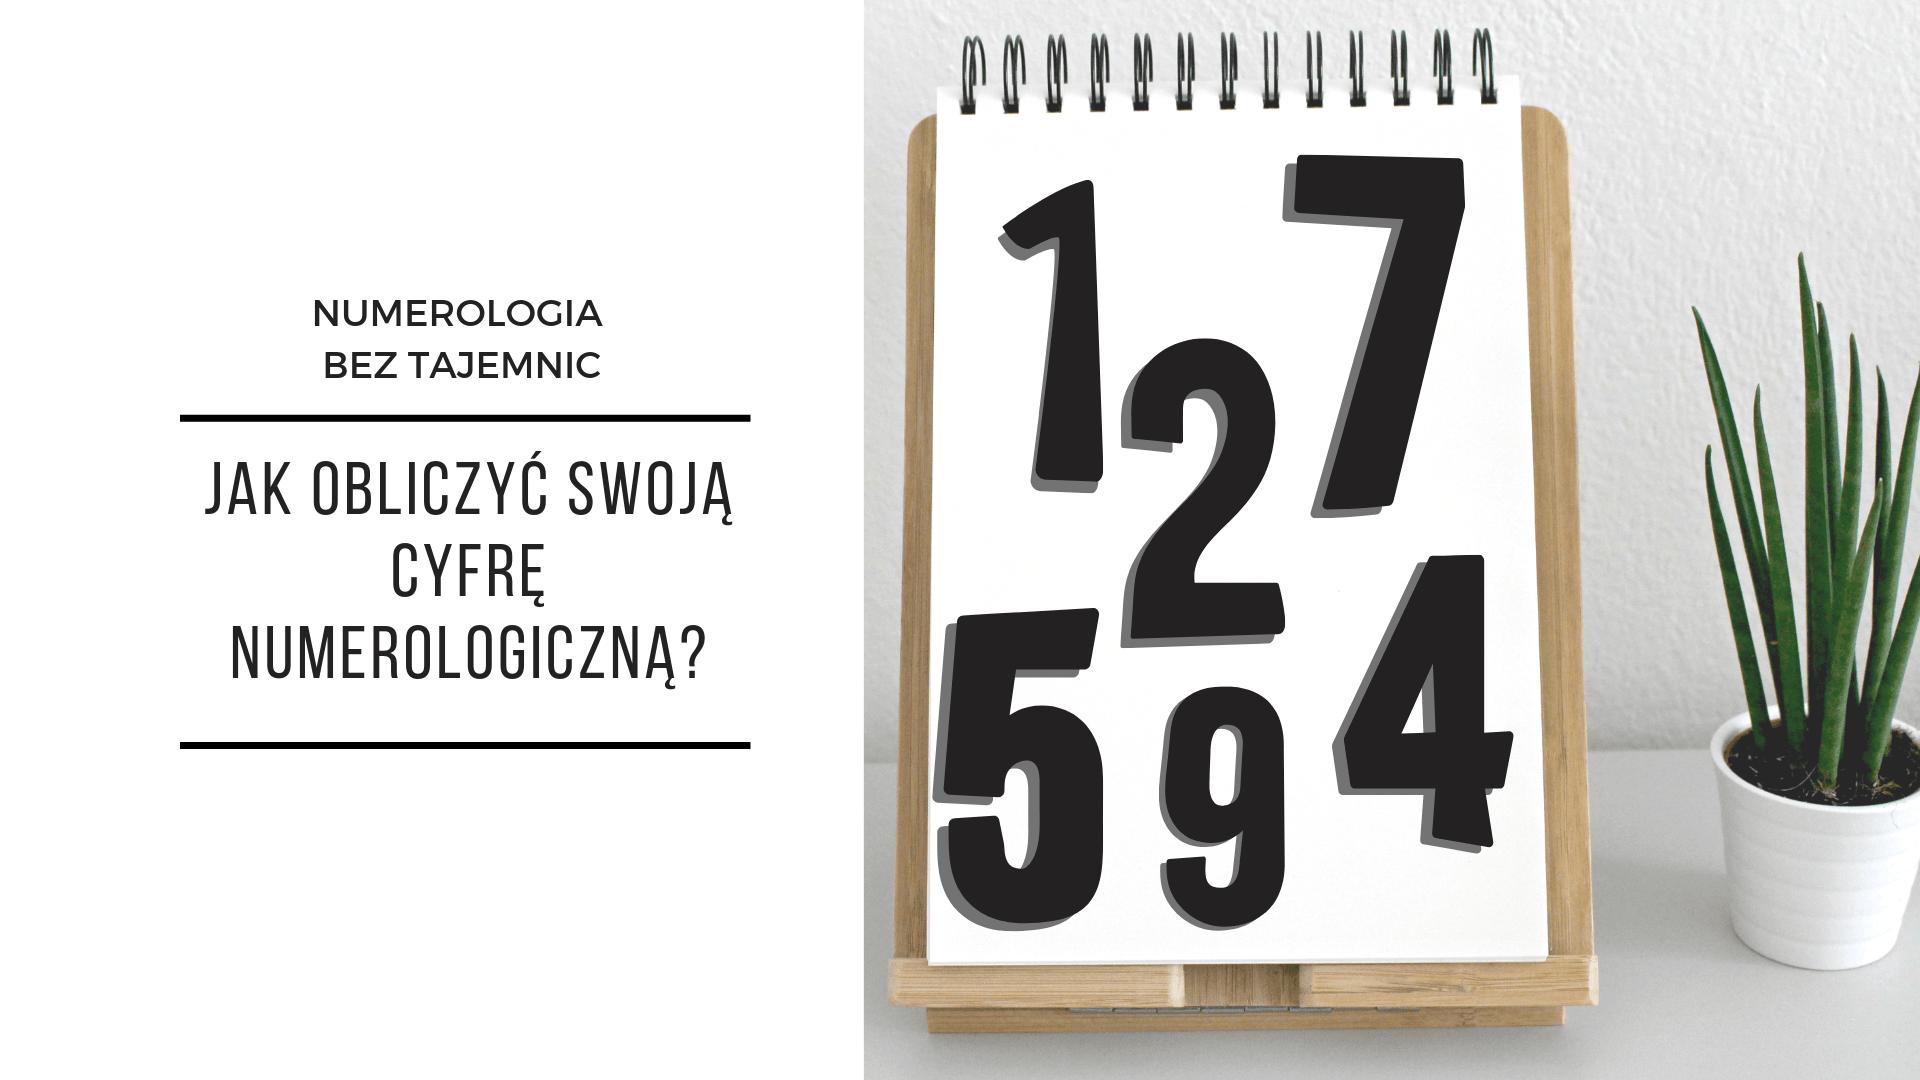 Numerologia - jak obliczyć swoją liczbę numerologiczną? 2